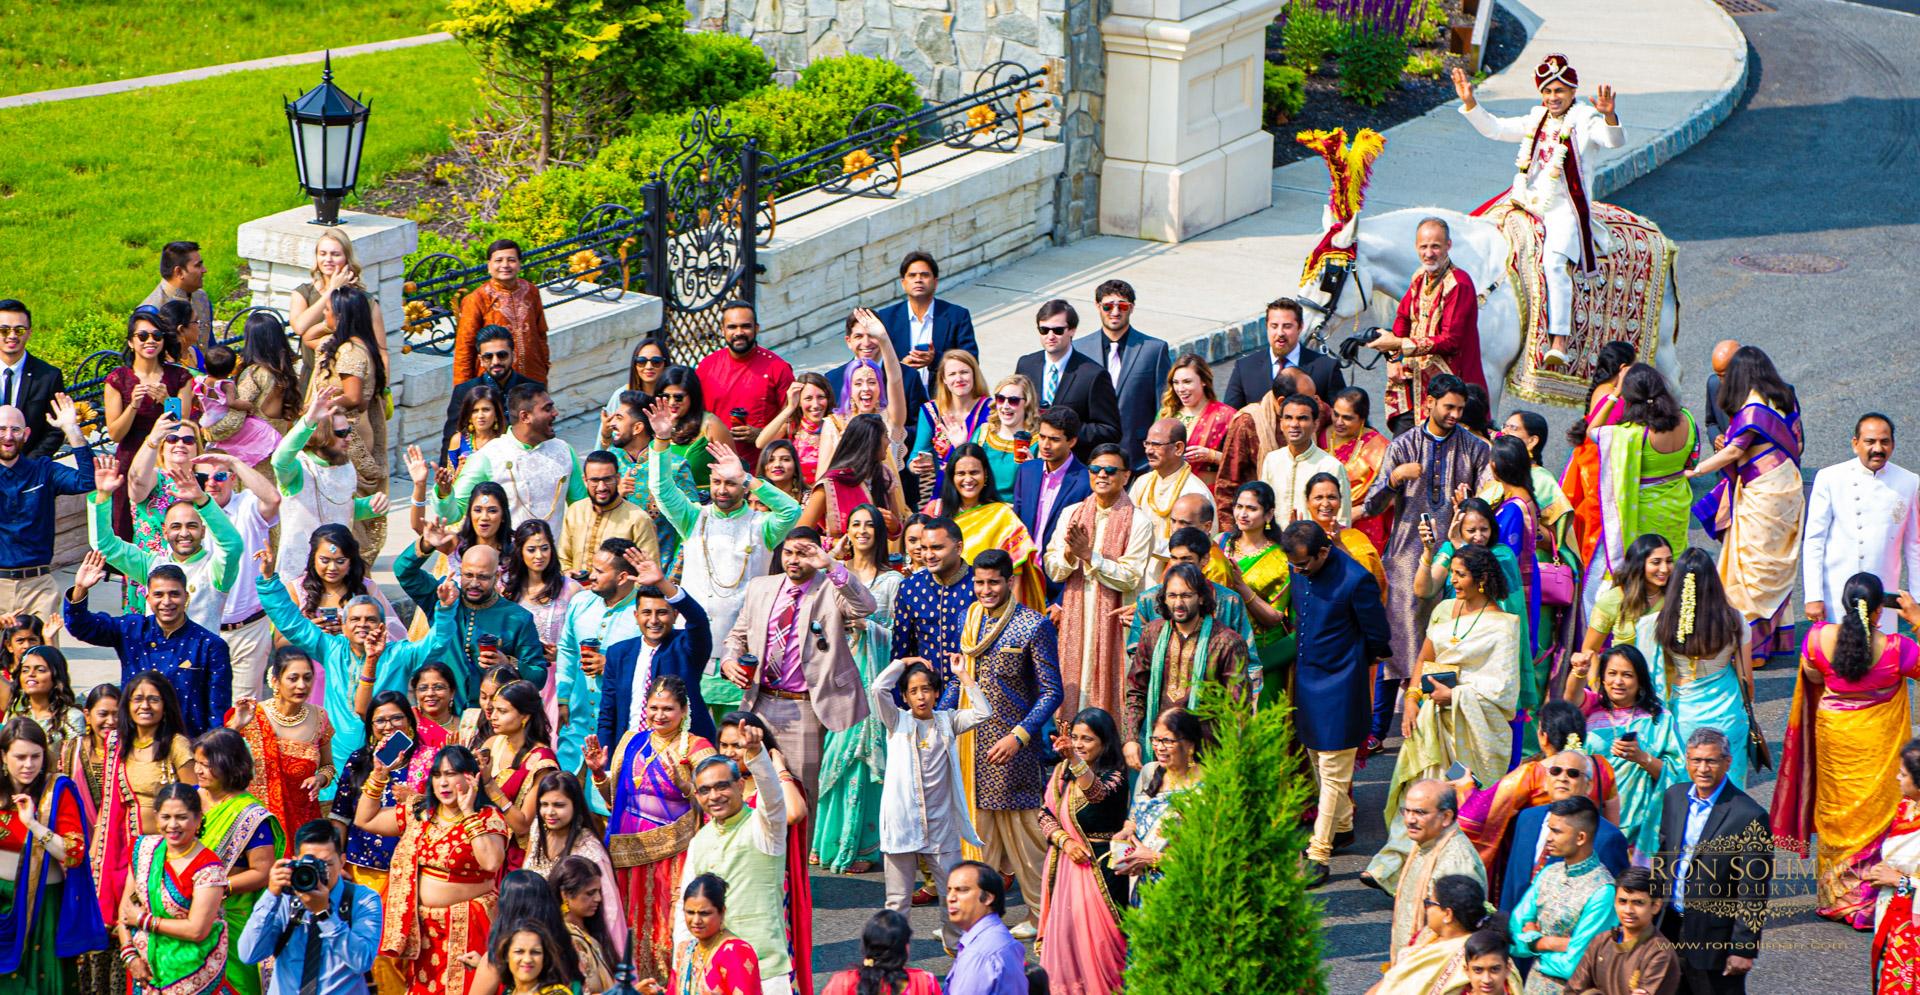 LEGACY CASTLE WEDDING 13